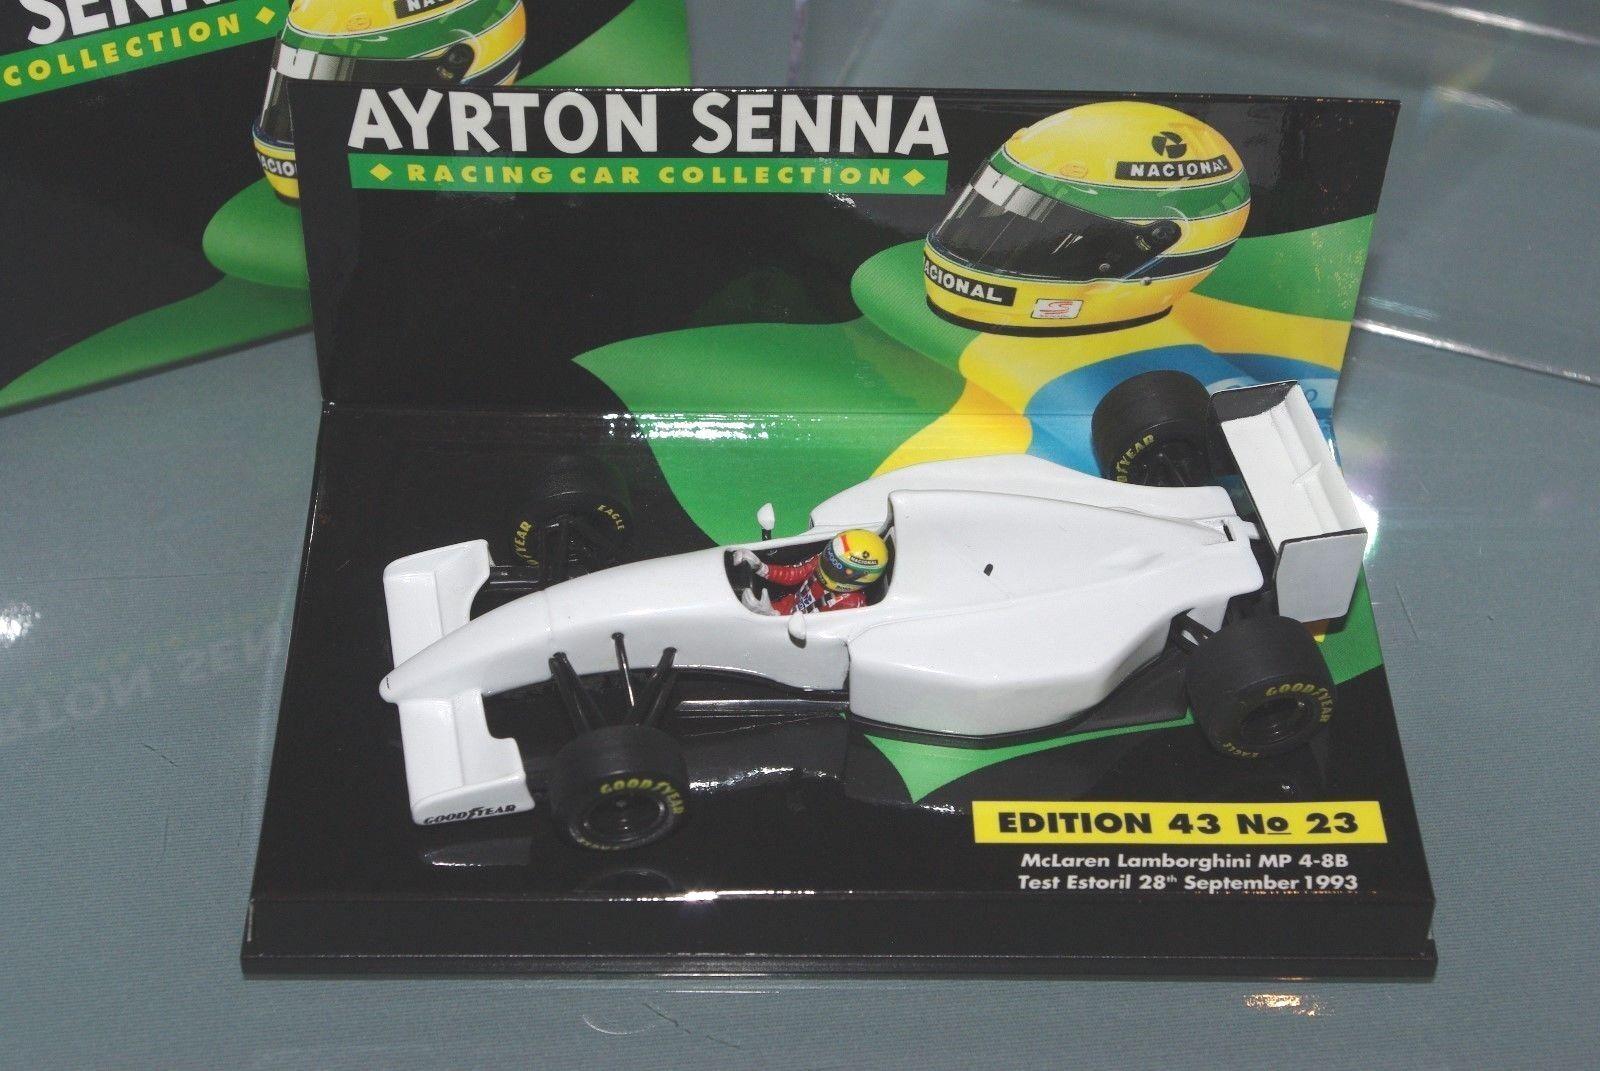 marca en liquidación de venta Minichamps F1 1 43 McLaren Lamborghini MP4 B8 B8 B8 test Estoril Senna Colección  23  a la venta